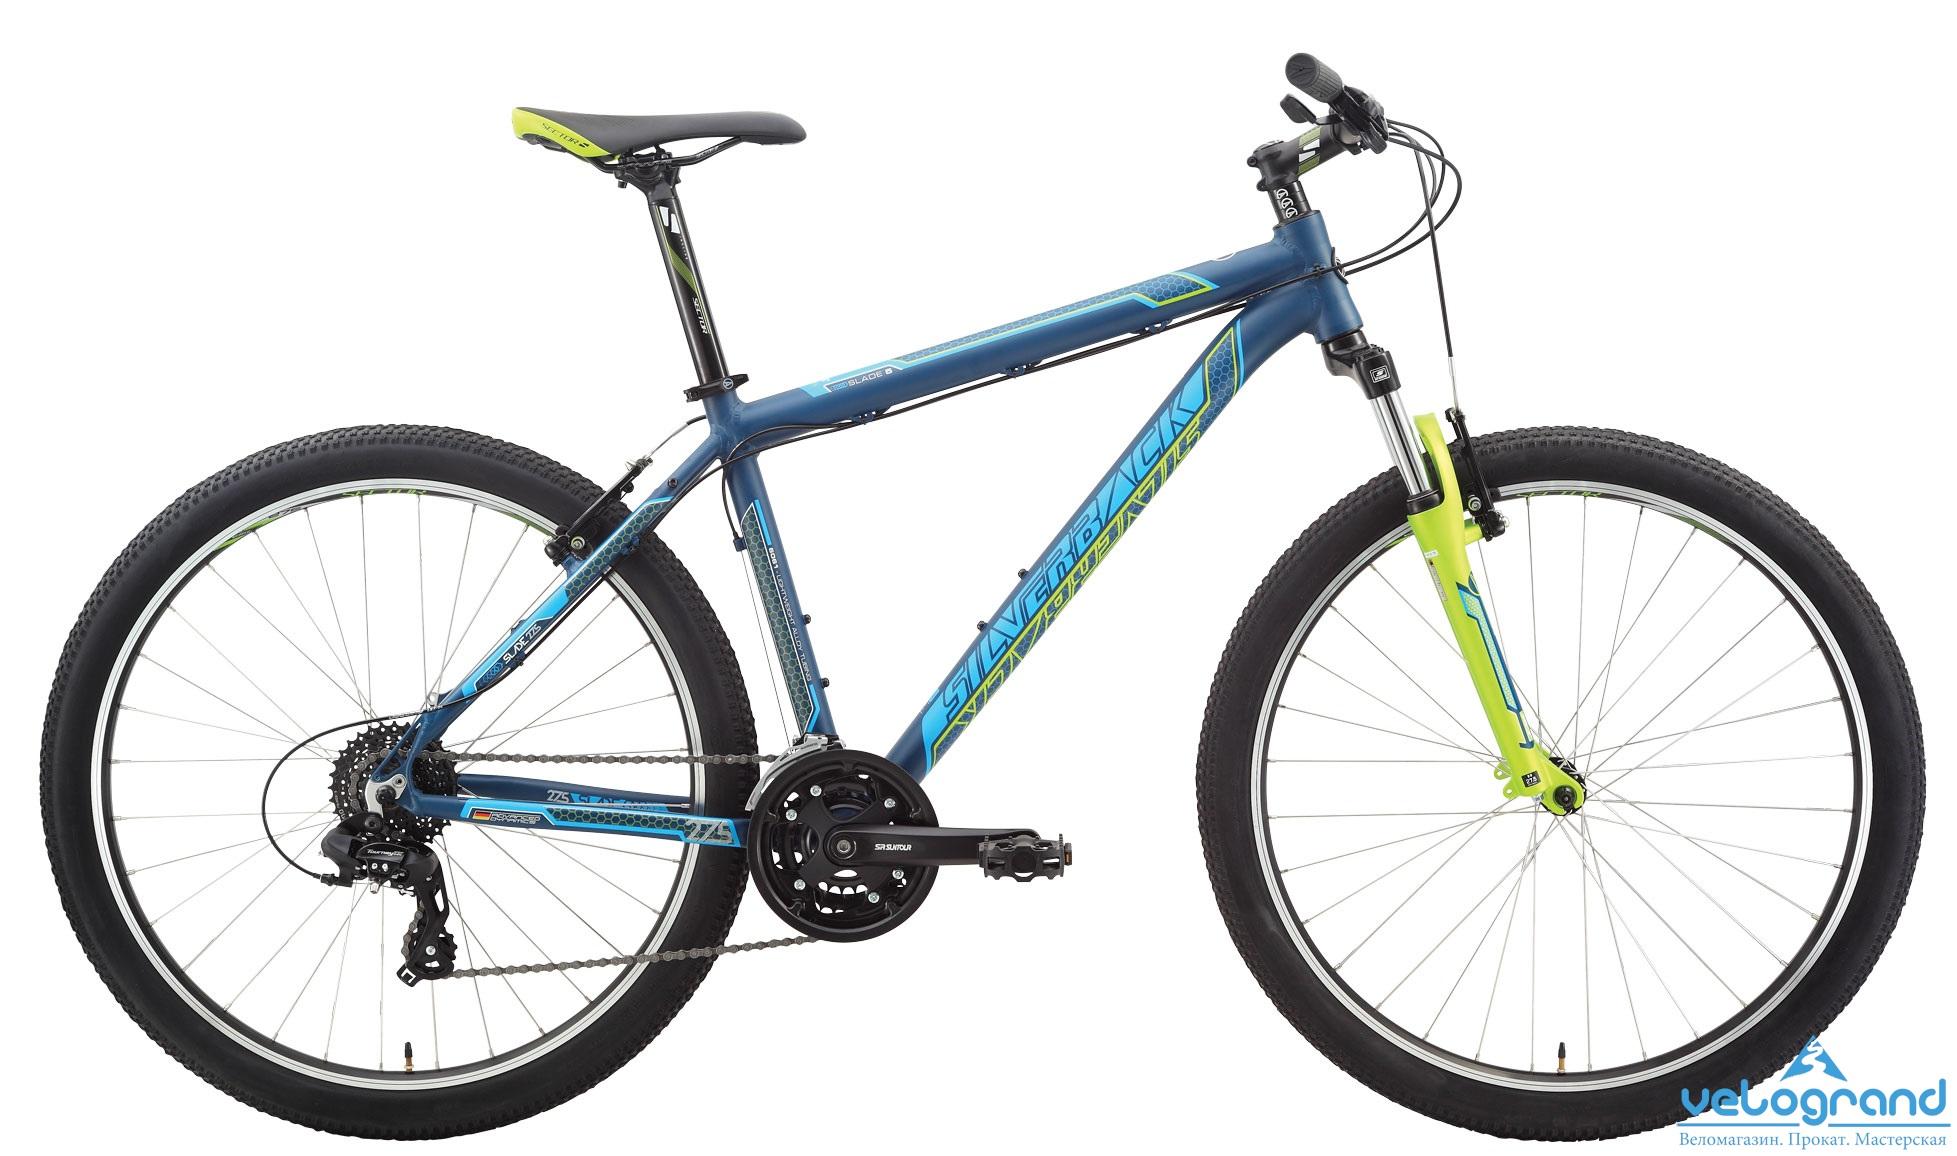 """Горный велосипед Silverback Slade 5 (2015), Цвет Сине-Зеленый, Размер 18&amp;nbsp;<br><br>&amp;nbsp; Рама 27.5"""" Trail, формованные трубы, алюминий 6061, рулевая труба 1 1/8"""", дропауты 135 мм QR, V-Brake, крепления багажника и крыльев, съемный петух<br><br>Модельный год: 2015<br>Материал рамы: Алюминий<br>Диаметр колес: 27.5 дюймов<br>Количество скоростей: 24 скорости<br>Возраст: Взрослый<br>Тип тормозов: Ободные<br>Цвет: Сине-Зеленый<br>Размер INCH: 18"""